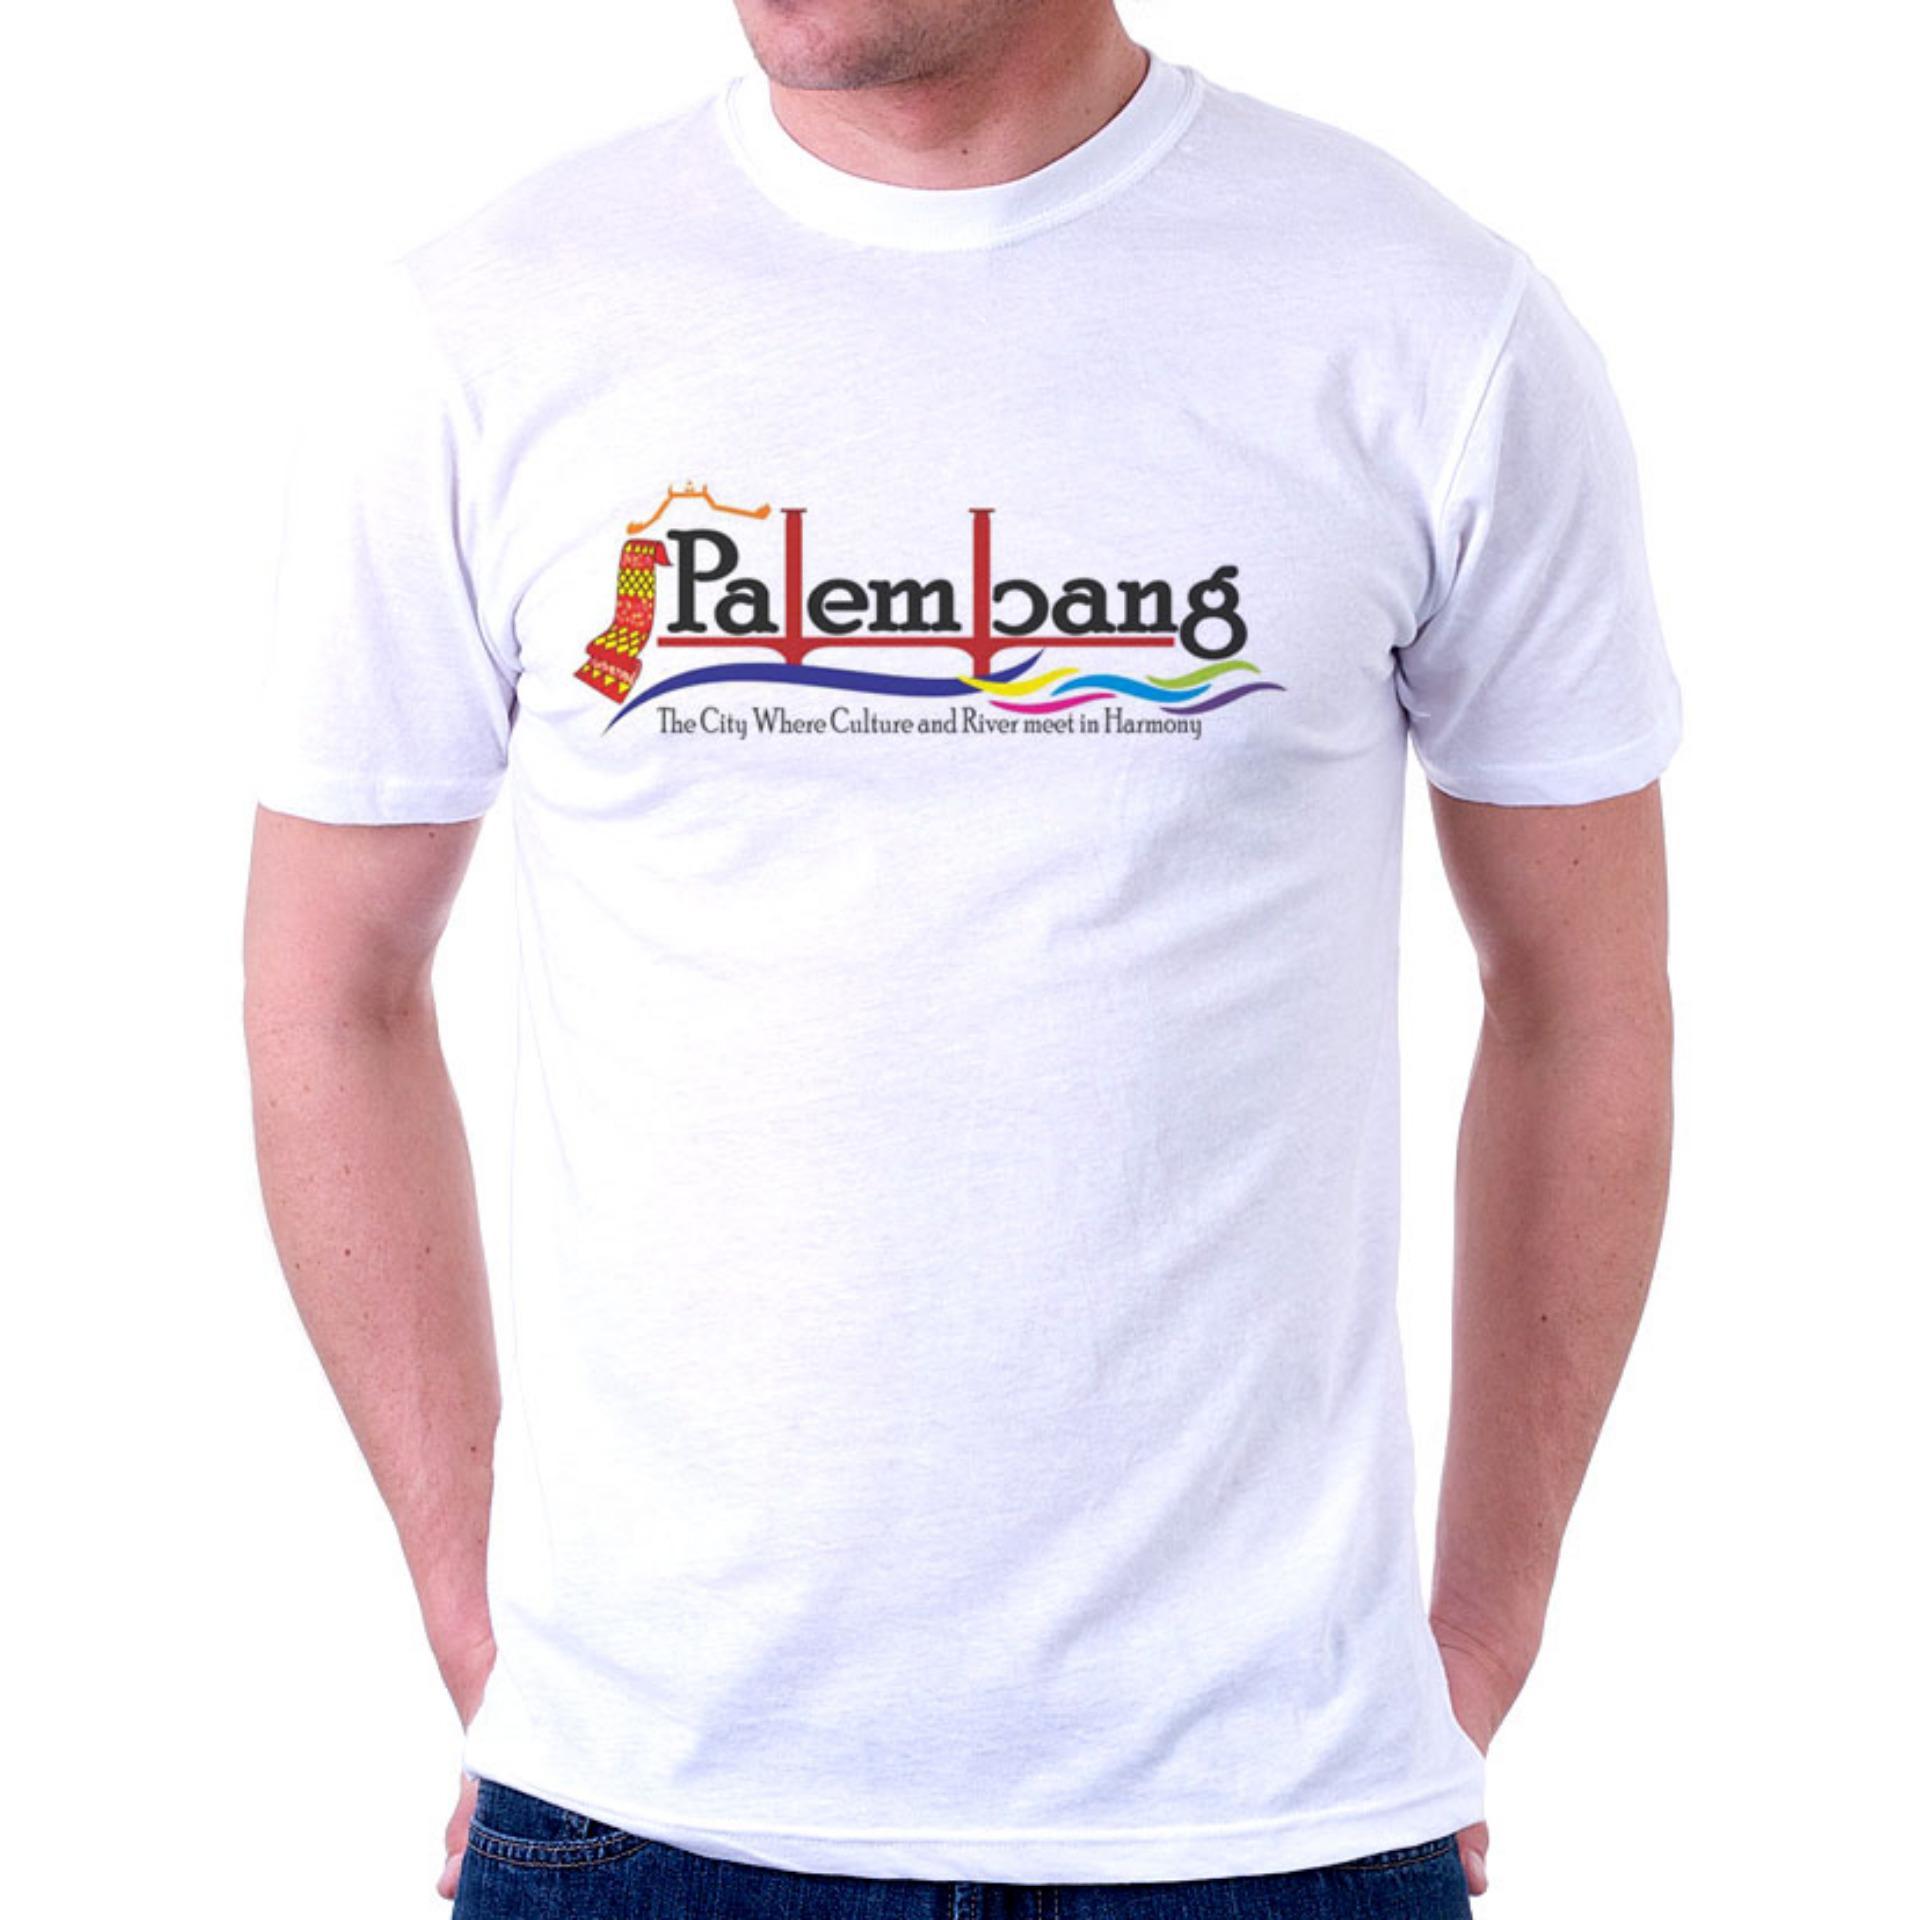 Kaos Indonesia-Palembang Murah